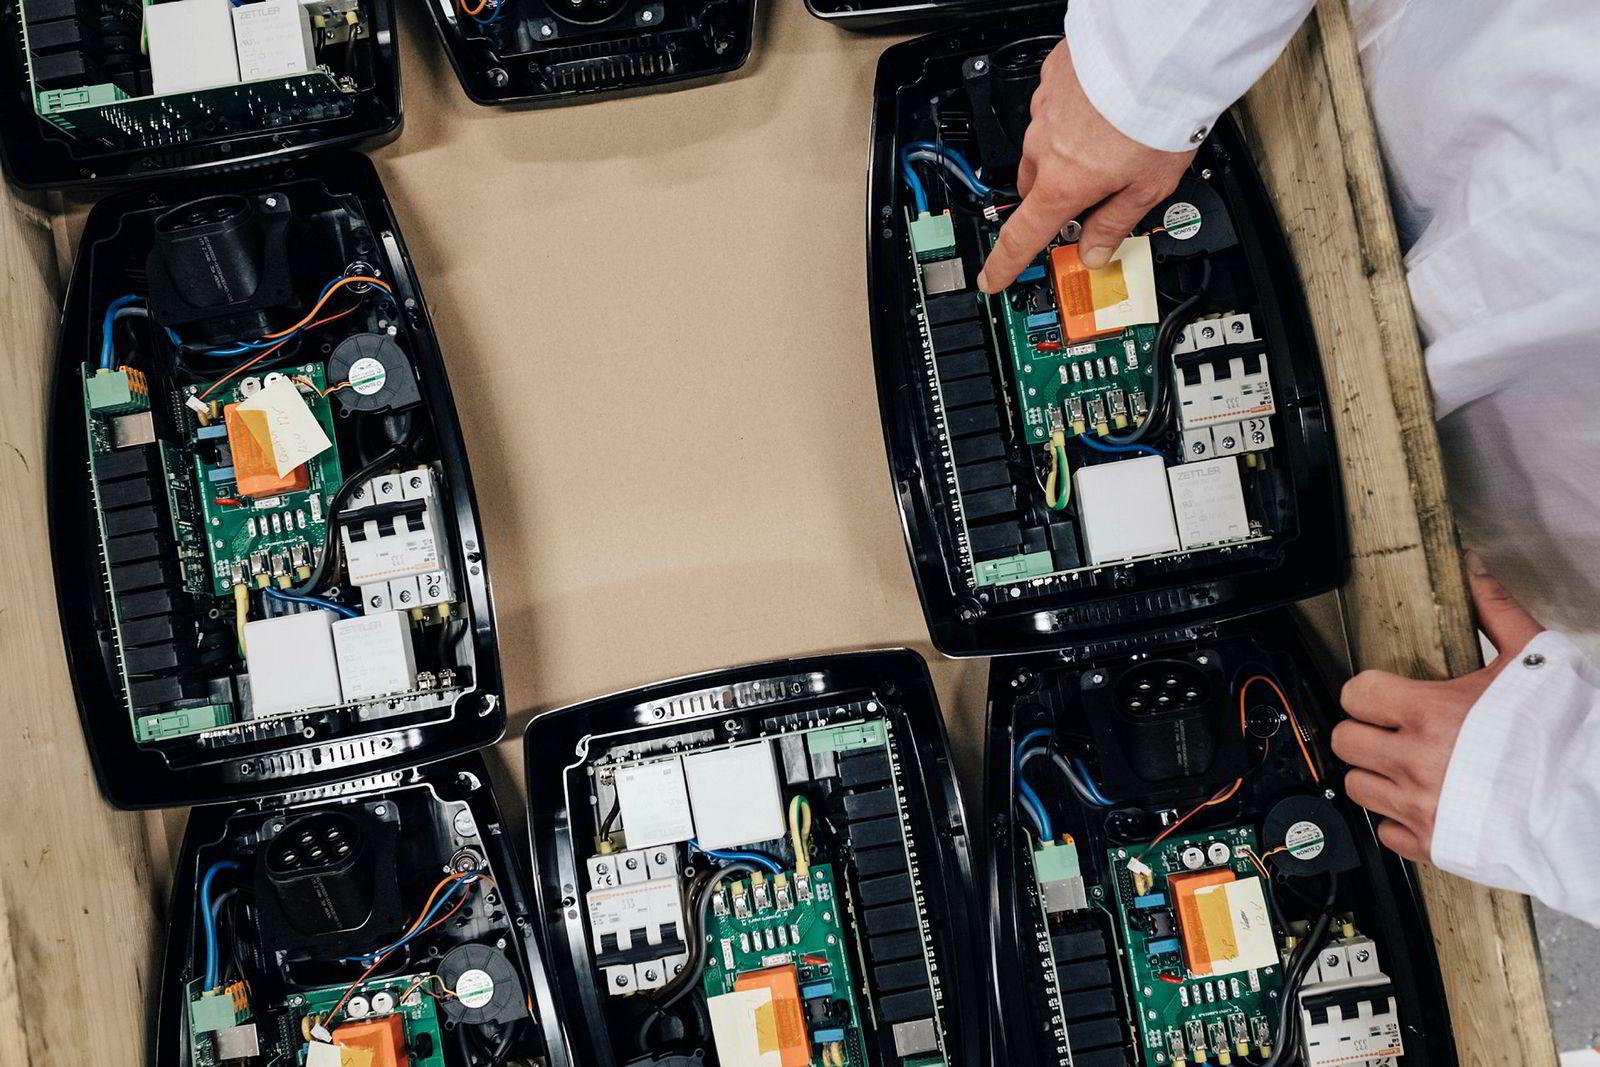 Zaptec-laderne inneholder teknologi som bytter mellom ulike faser for å hindre overbelastning av nettet.